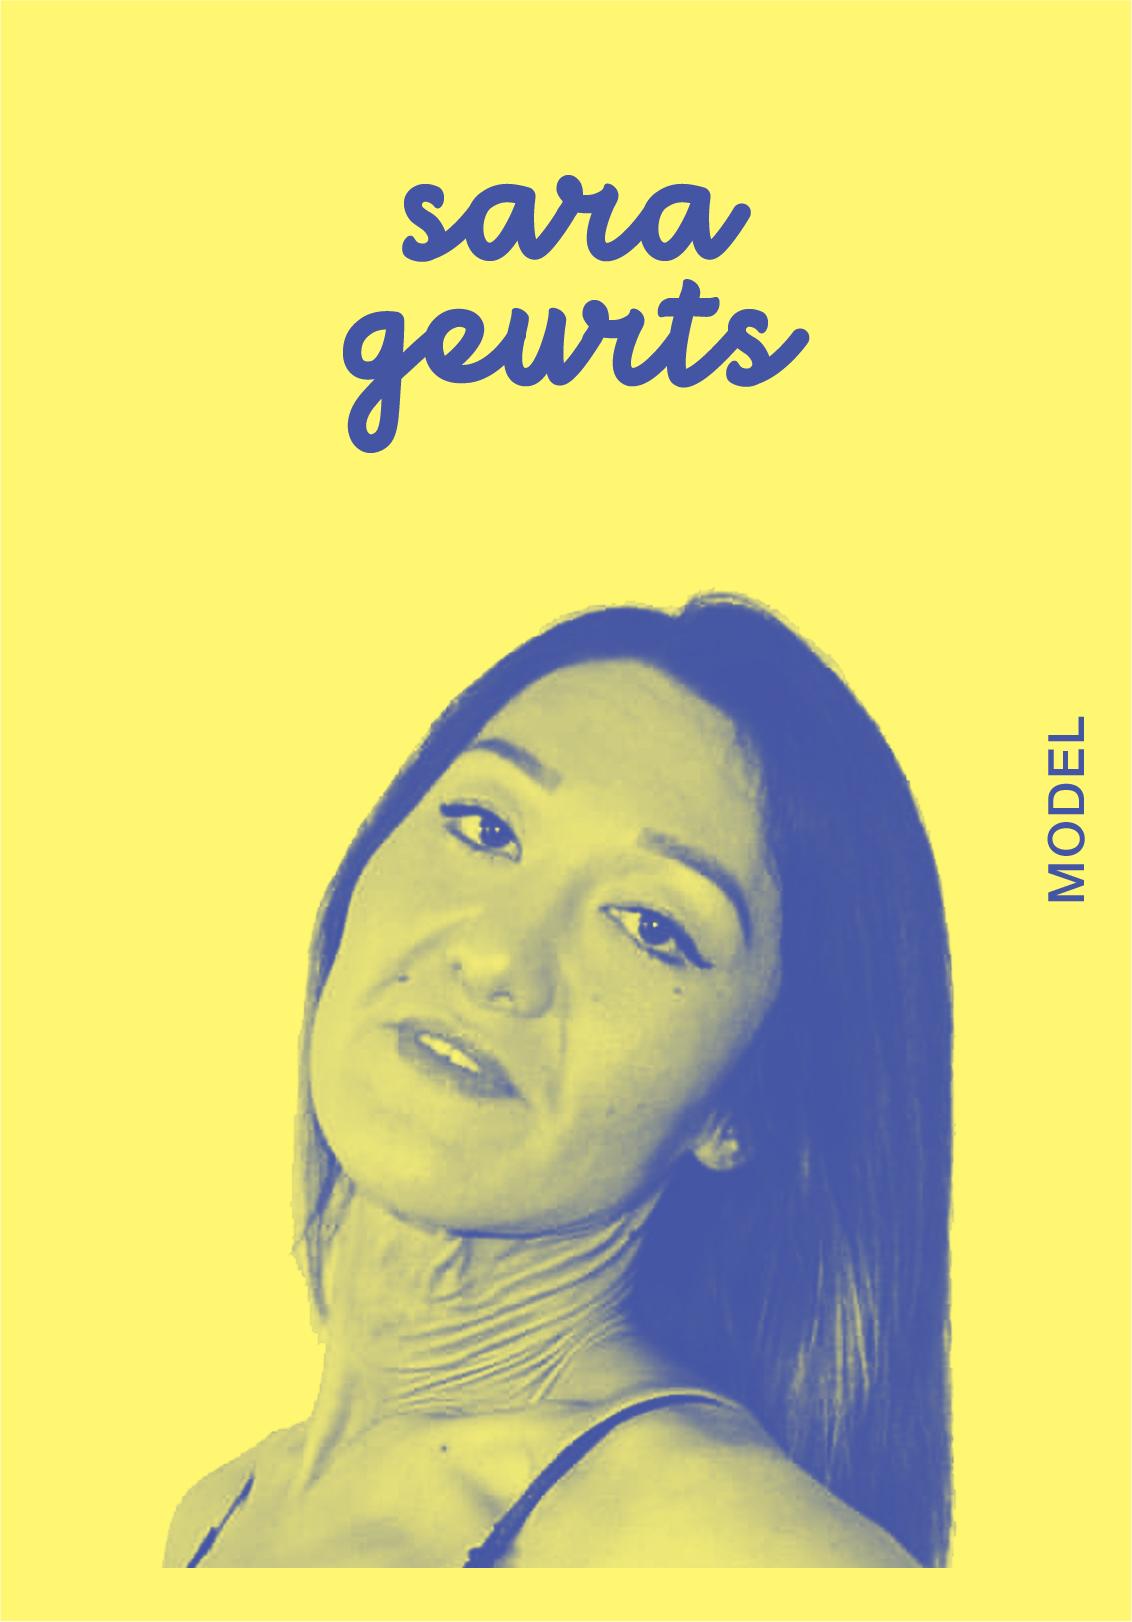 SARA GEURTS   @SARAGEURTS   IG: SARAGEURTS